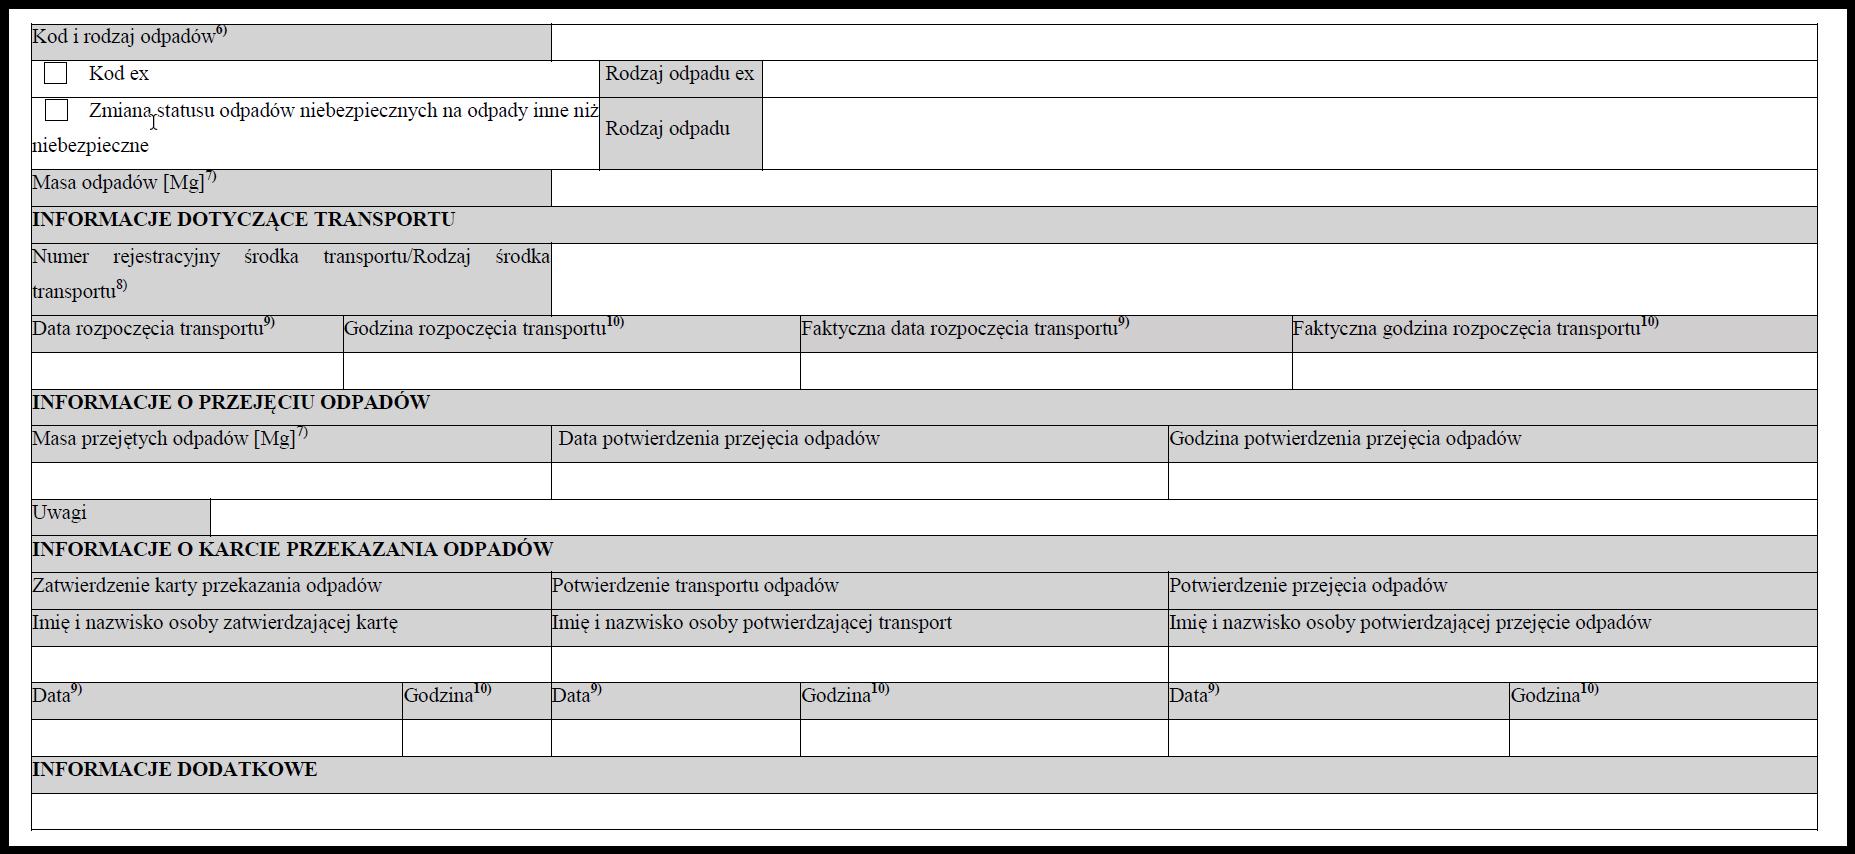 Wzór papierowej karty przekazania odpadów KPO2020